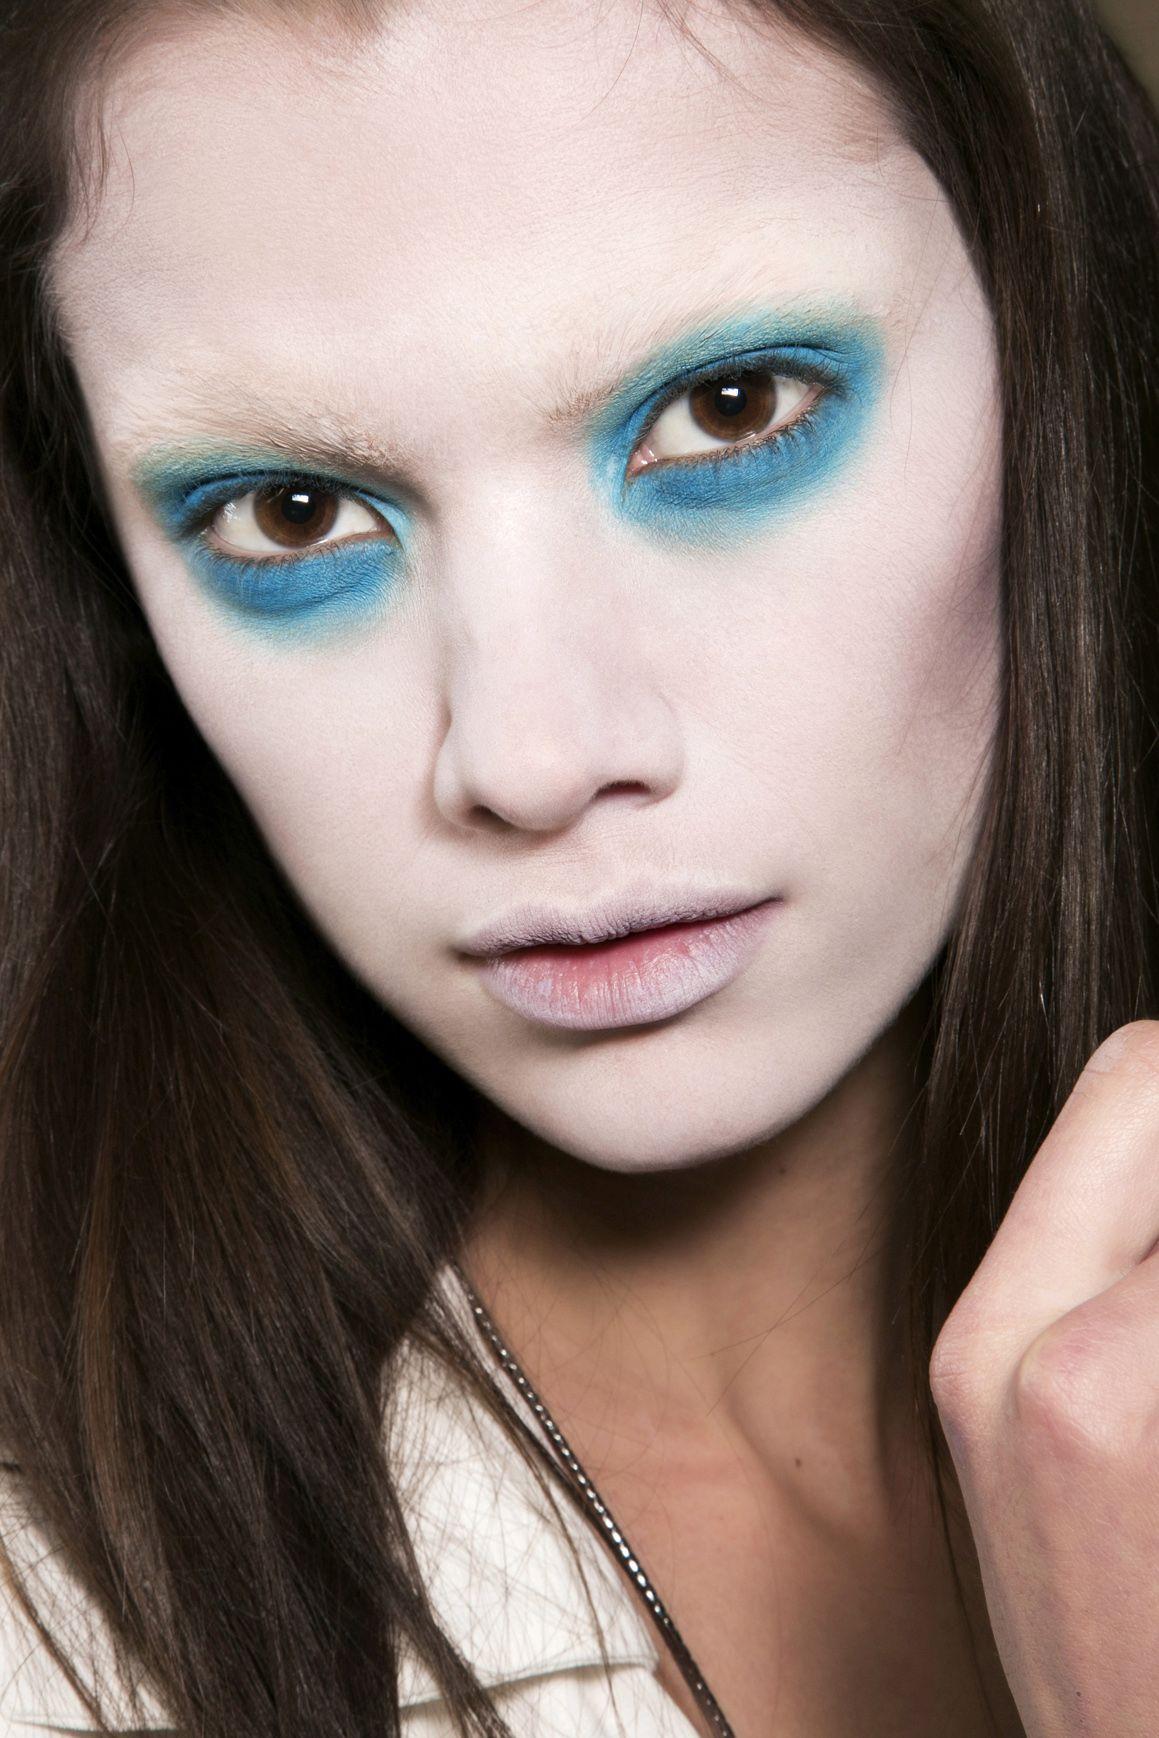 <p>L'ombretto azzurro in crema circonda tutto l'occhio (senza mascara), immerso in un volto con incarnato e labbra diafane.</p>